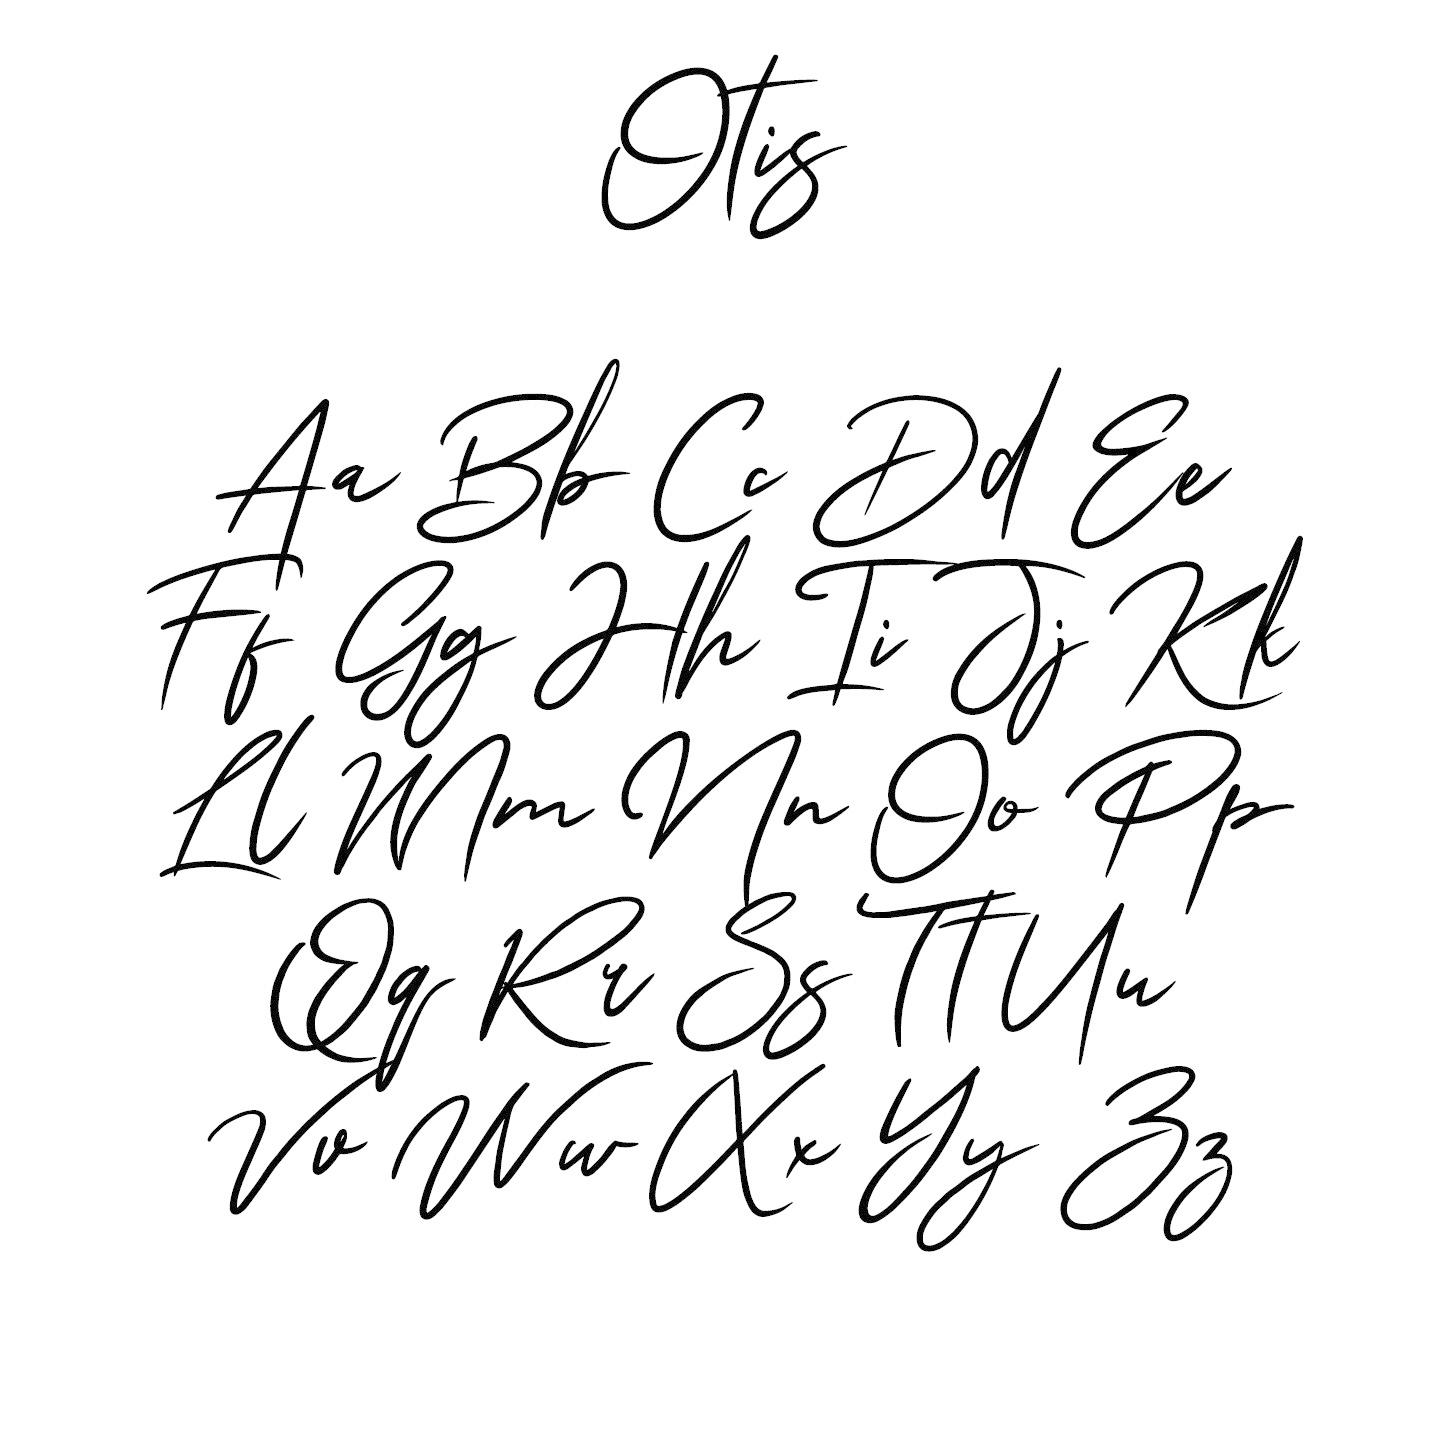 Houten tekst lettertype Otis